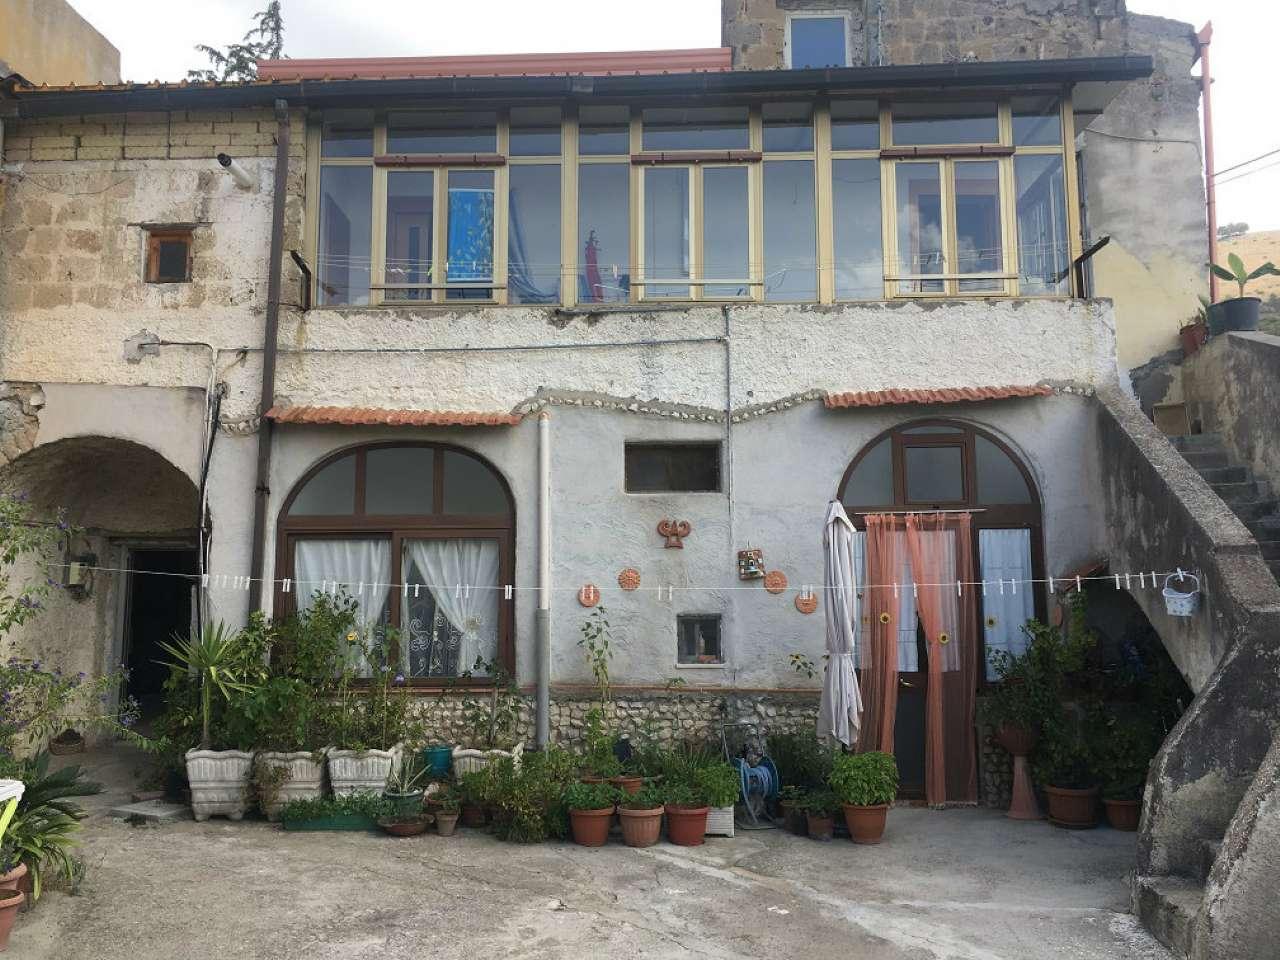 Soluzione Indipendente in vendita a Caserta, 2 locali, prezzo € 140.000 | CambioCasa.it